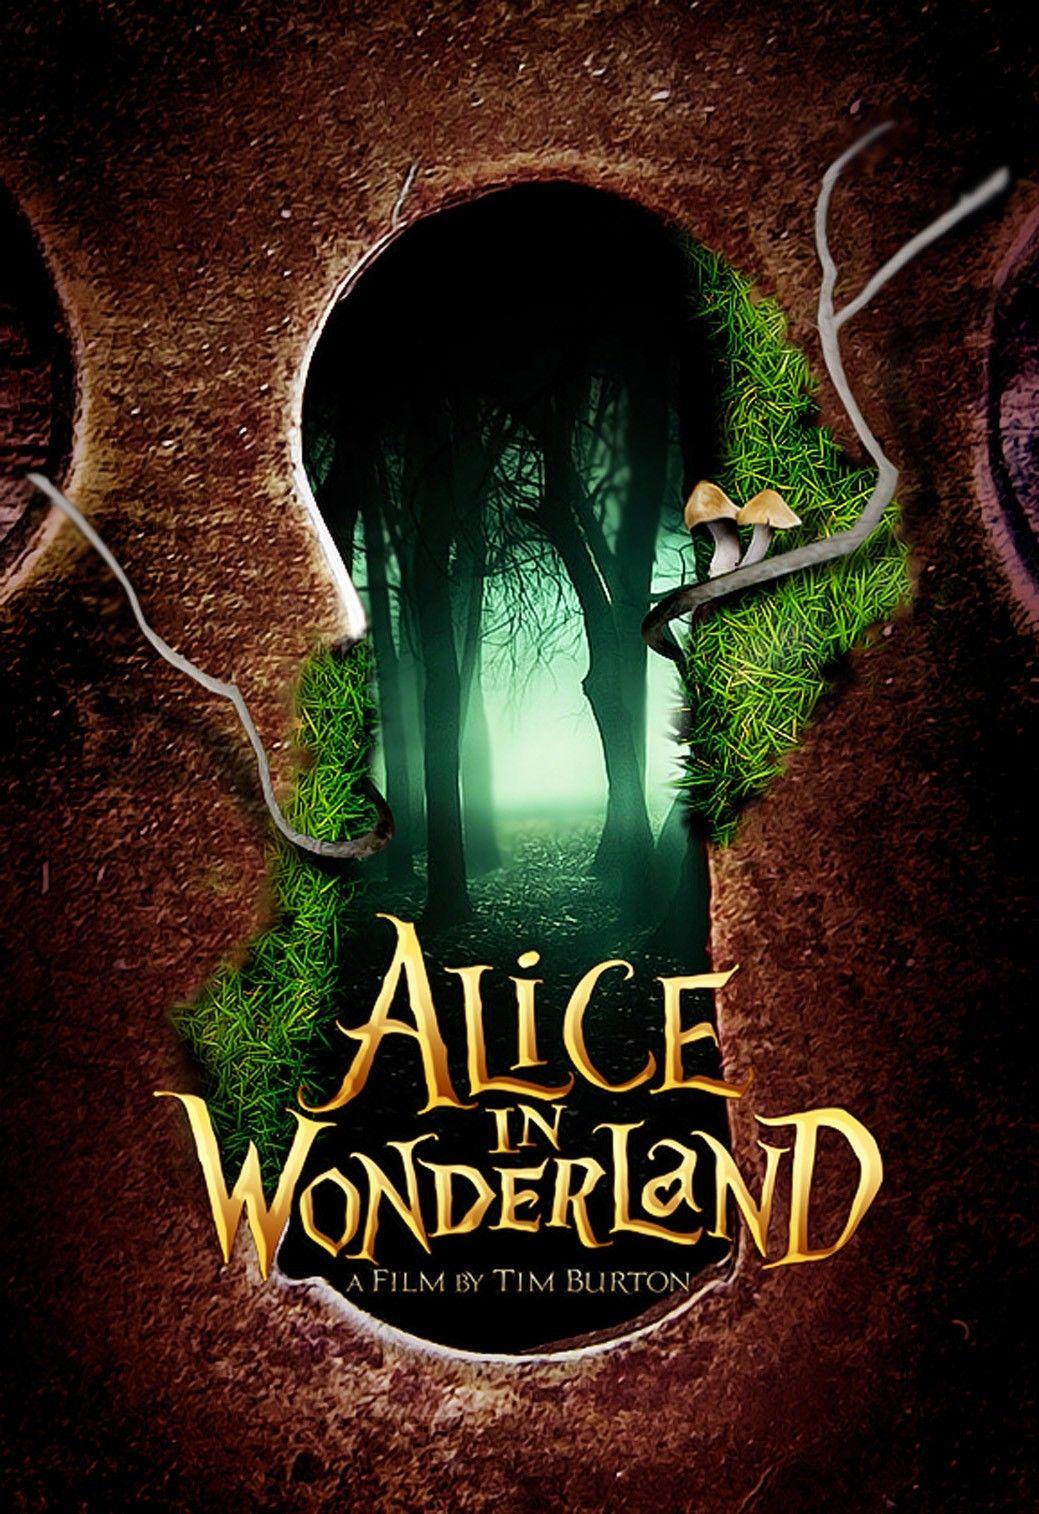 Alice au pays des merveilles film affiche 20x13 d cor 36 - Maison alice au pays des merveilles ...